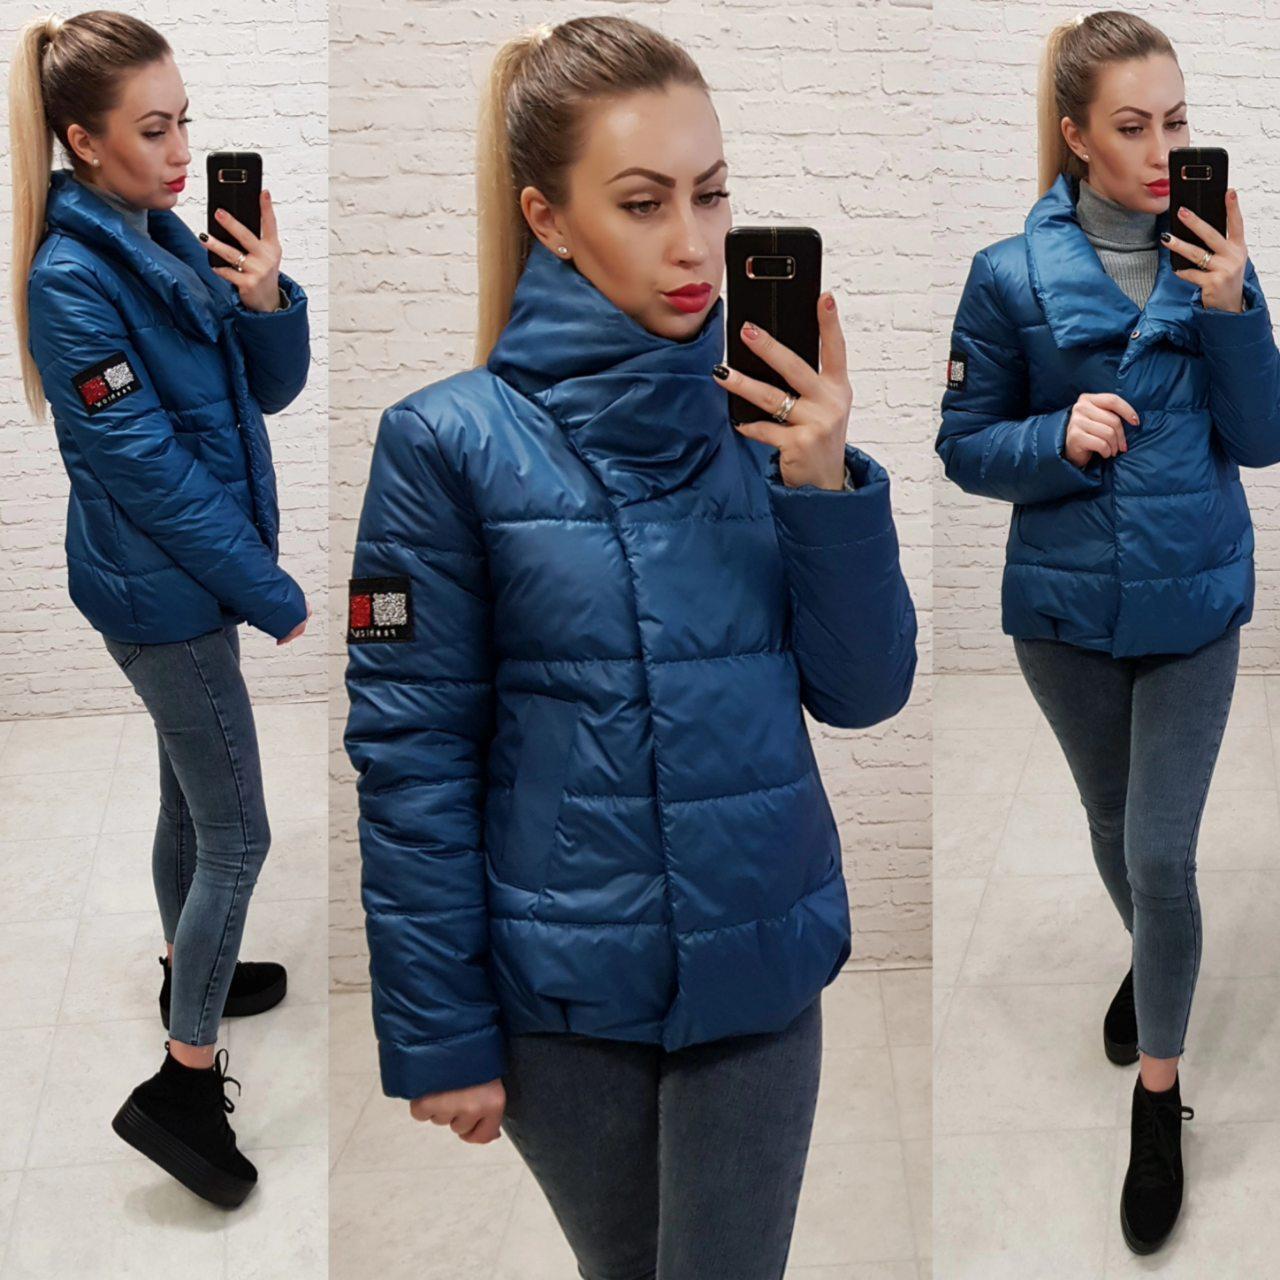 Демісезонна куртка кокон з коміром стійкою, арт. 1004, колір джинс синій